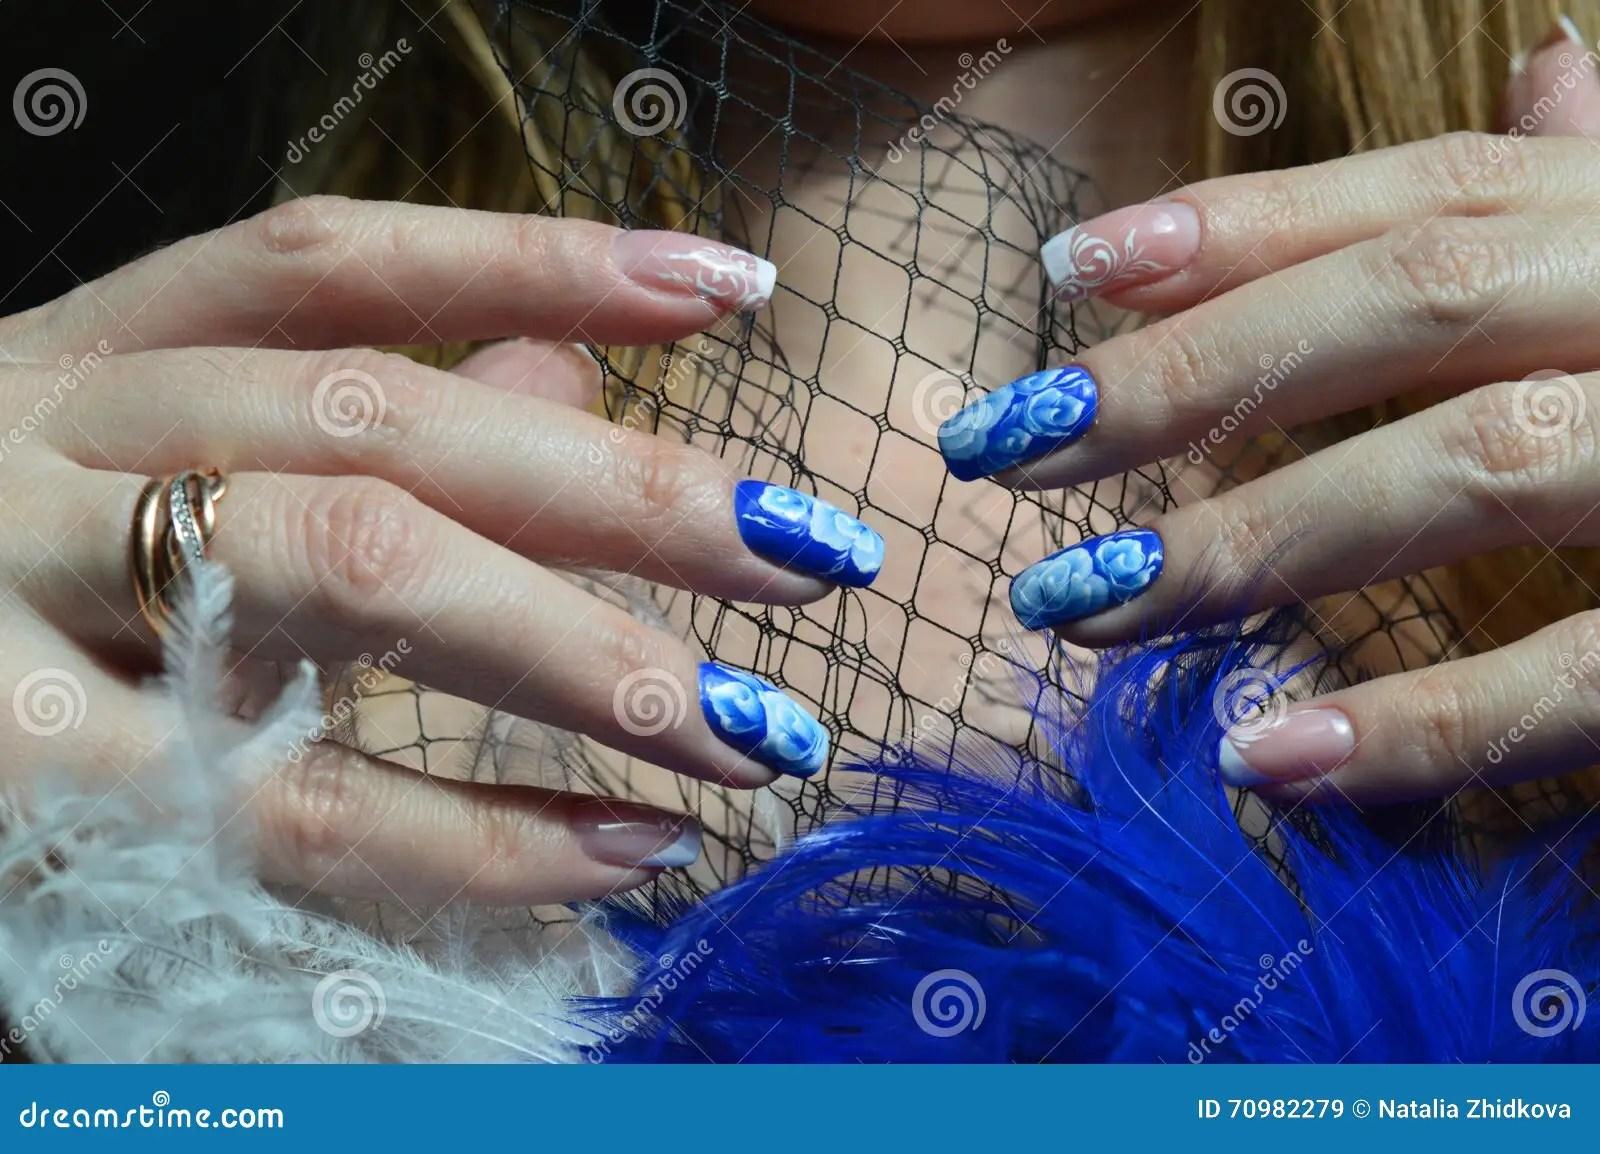 Gwozdzia Projekt Francuski Manicure I Wzrastal W Technice Chinski